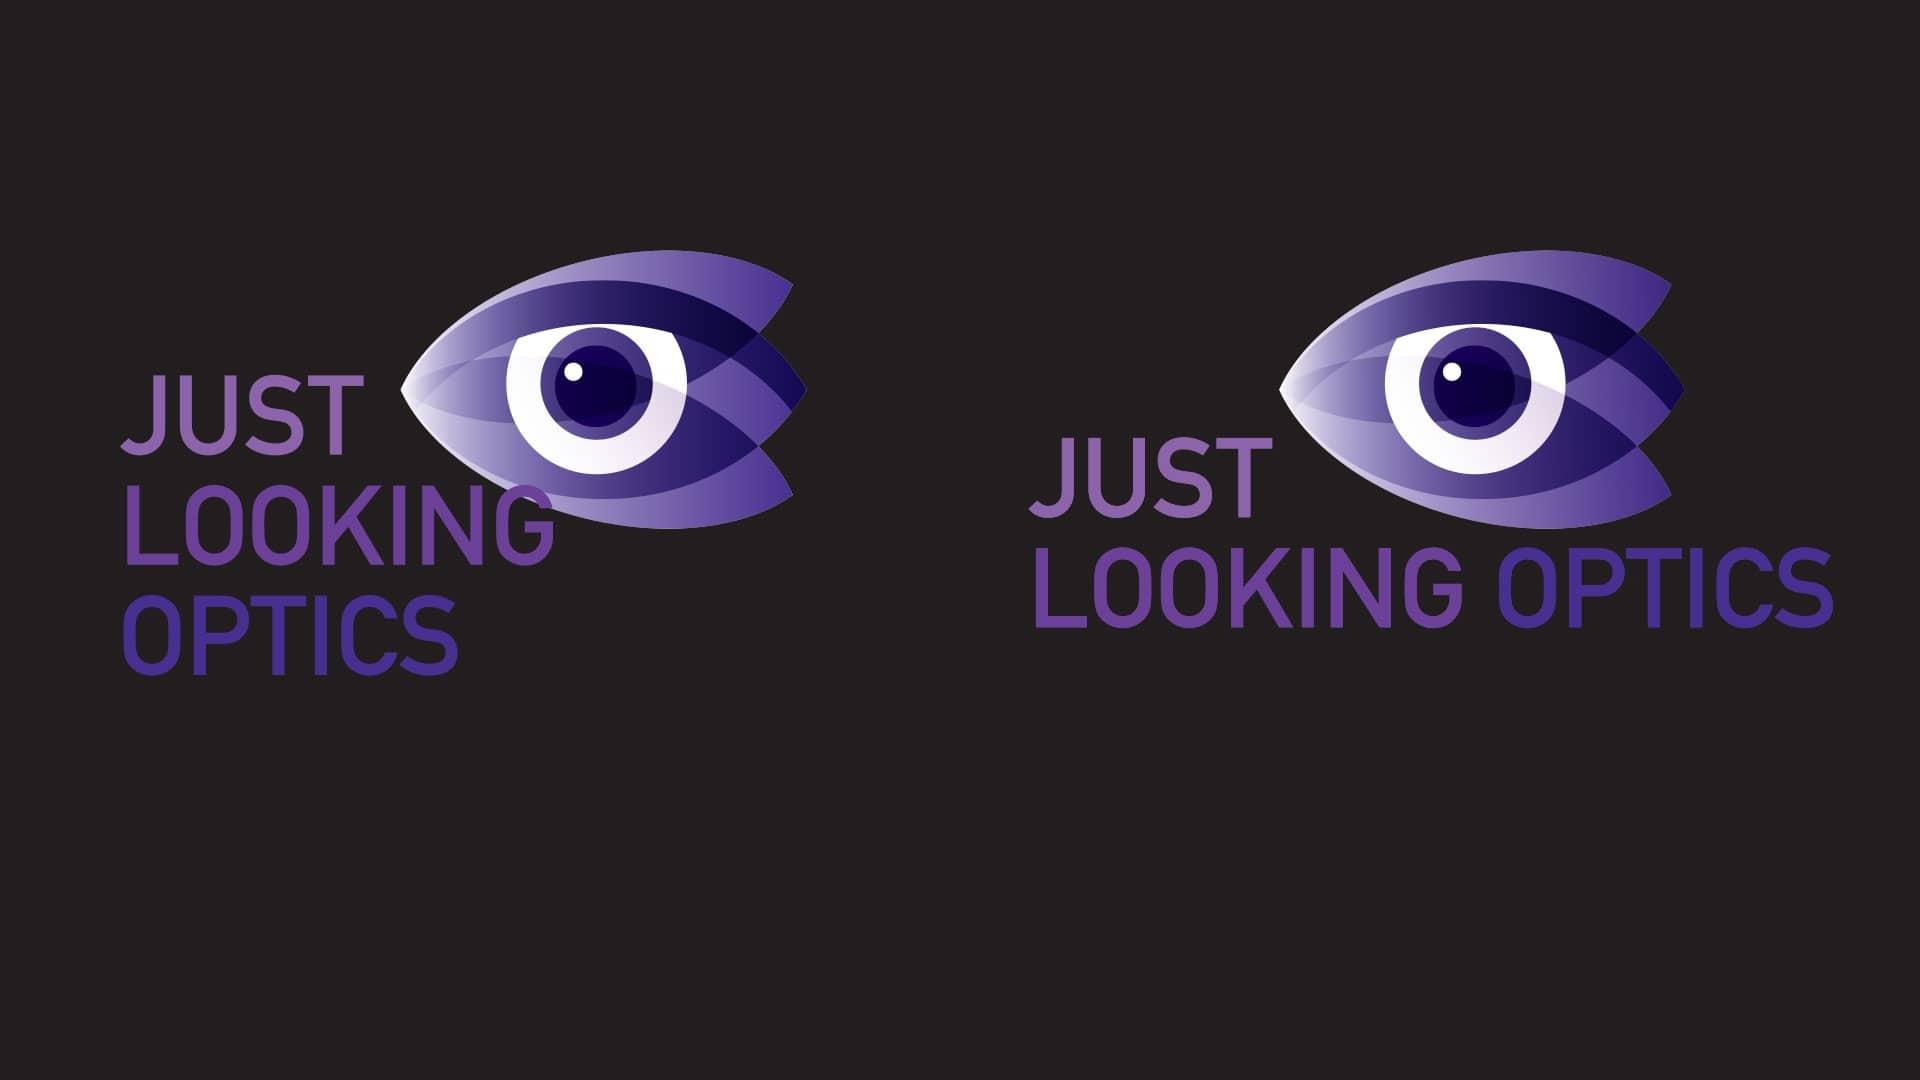 Just Looking Optics Γραφίστας Σπύρος Ηλιόπουλος